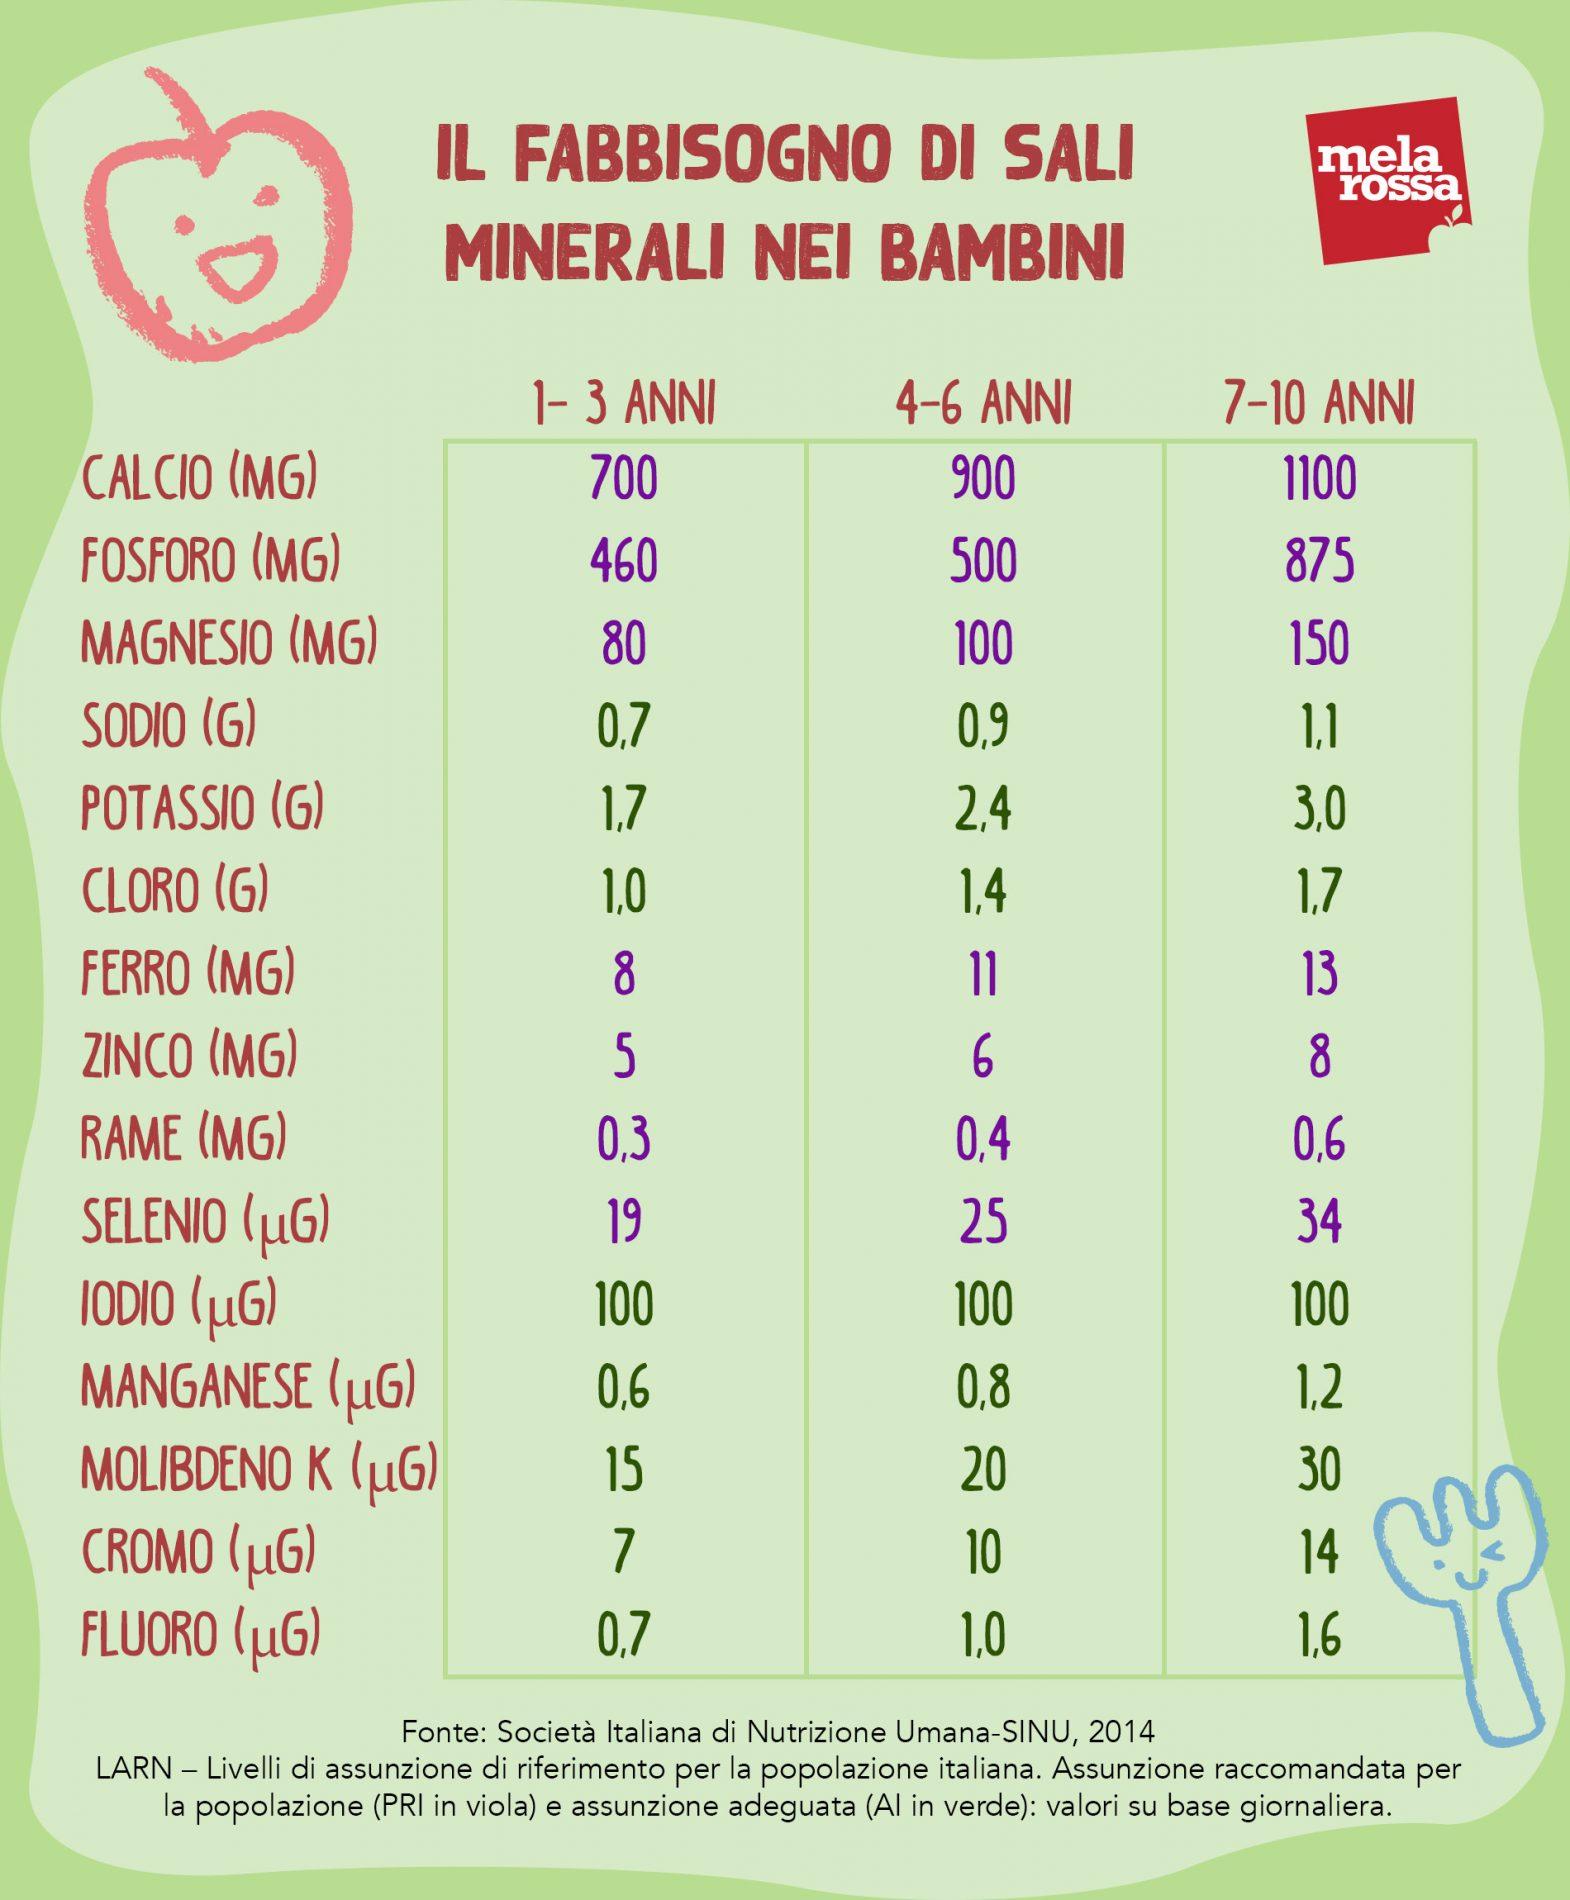 Educazione alimentare dei bambini: fabbisogno sali minerali